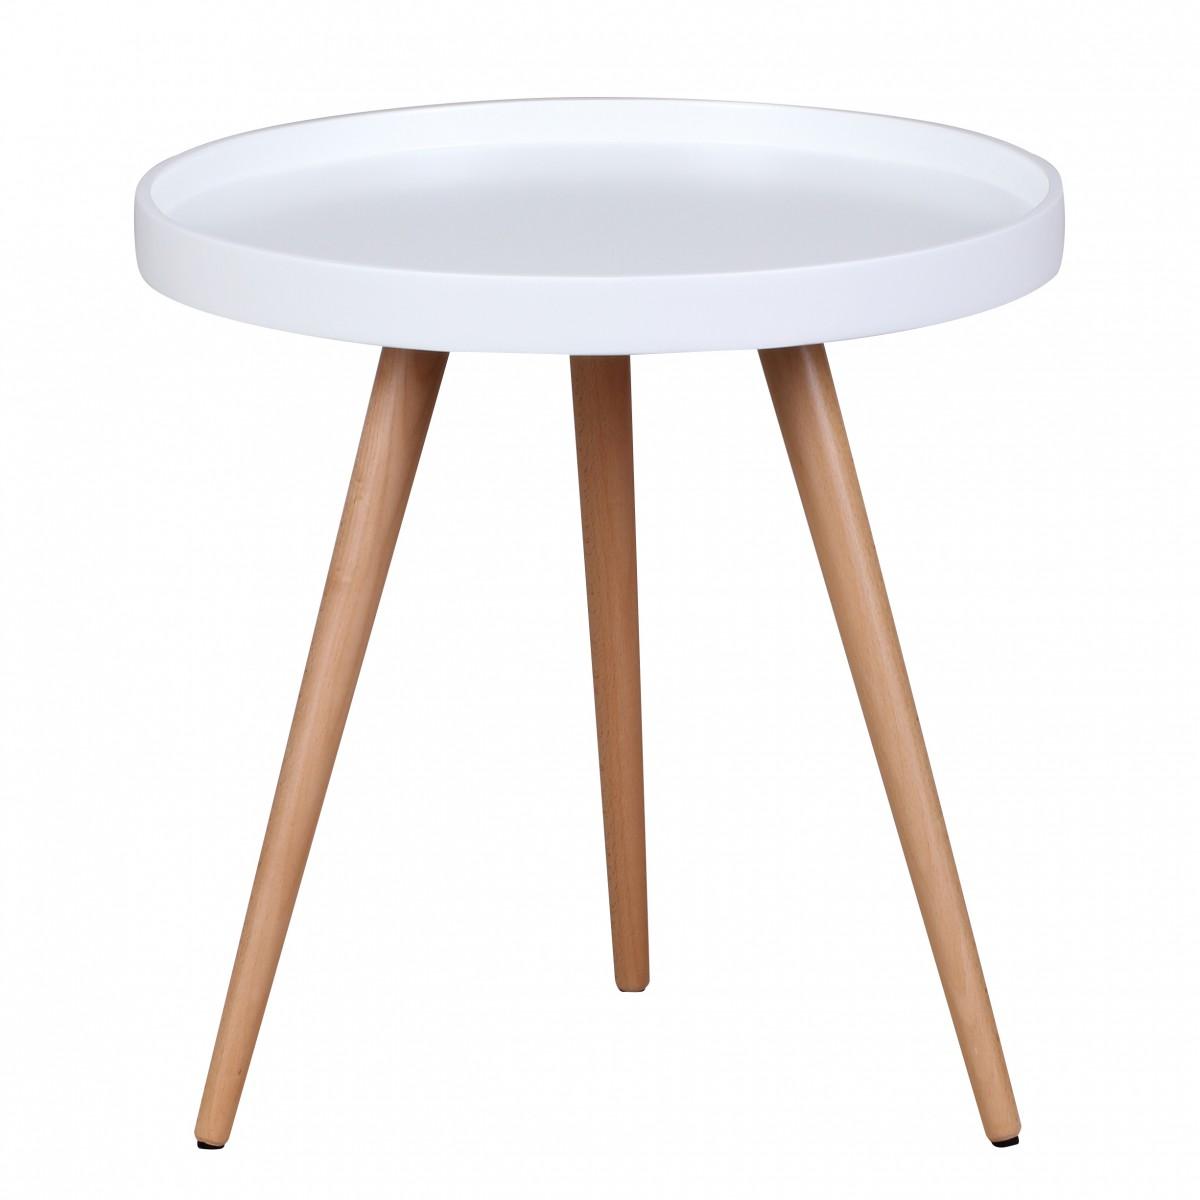 Tisch Rund 50 Cm.Finebuy Couchtisch ø 50 Cm Beistelltisch Holz Rund Retro Wohnzimmertisch Tisch